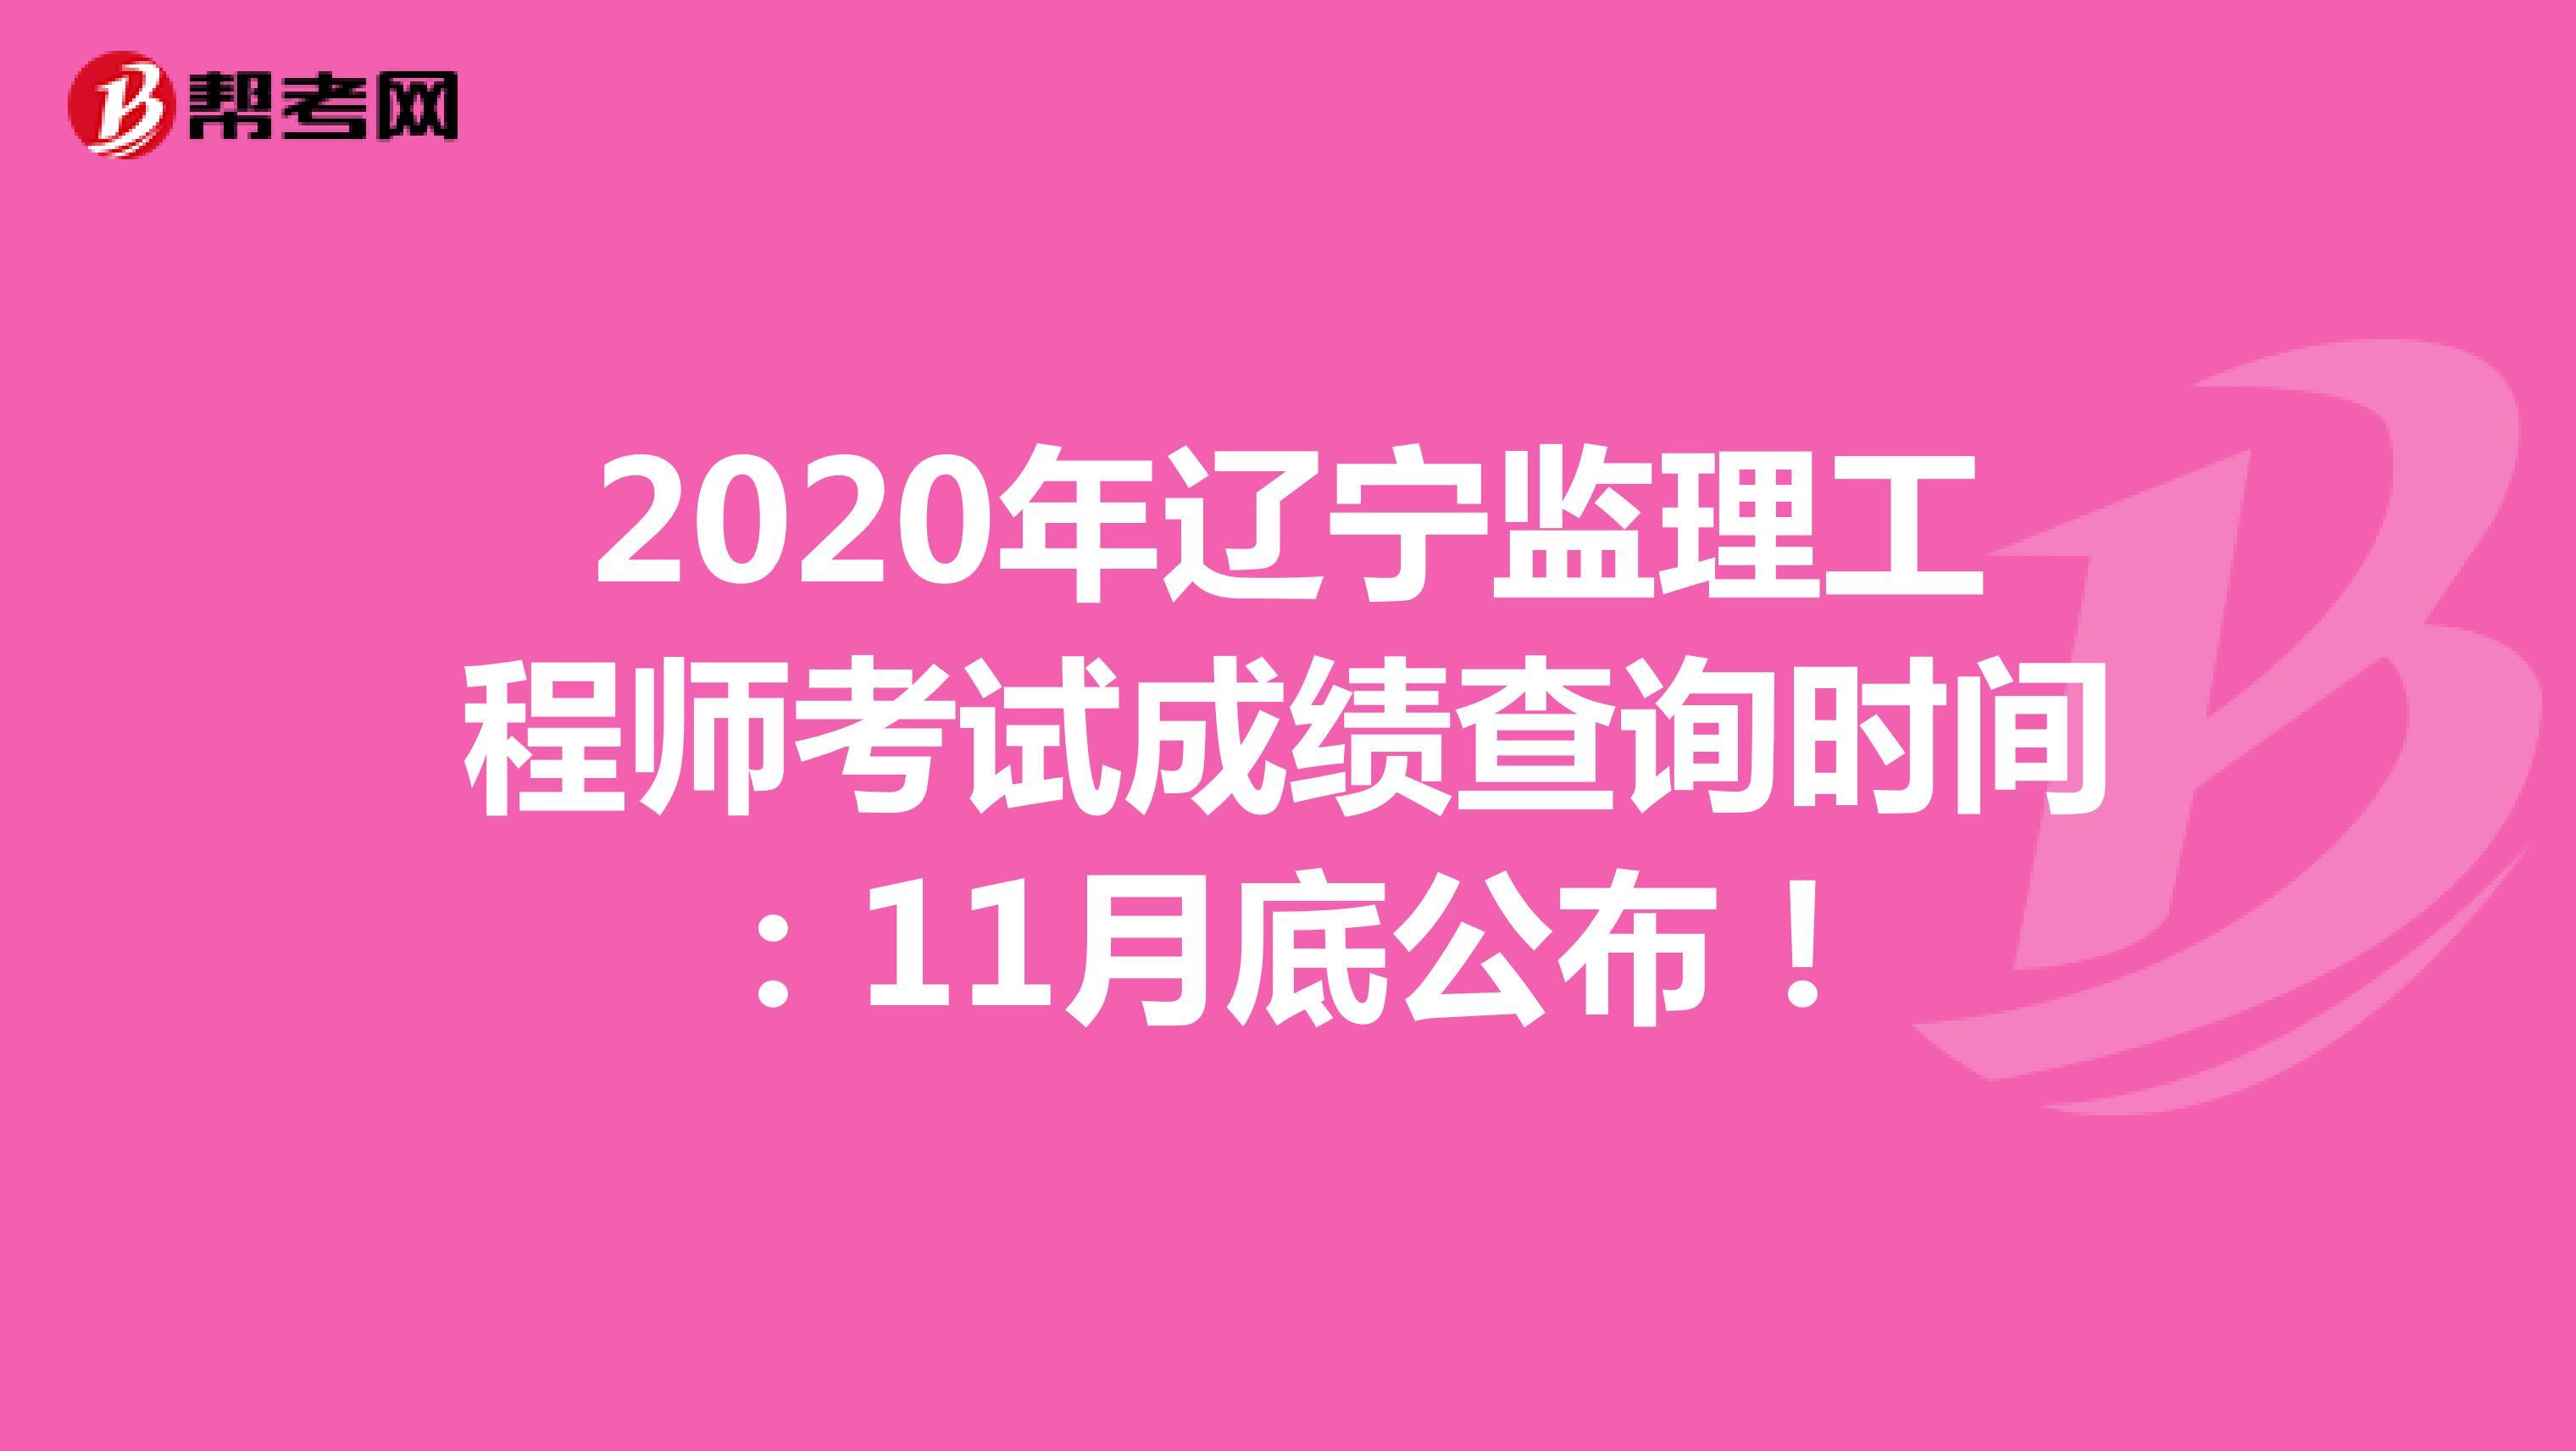 2020年辽宁监理工程师考试成绩查询时间:11月底公布!